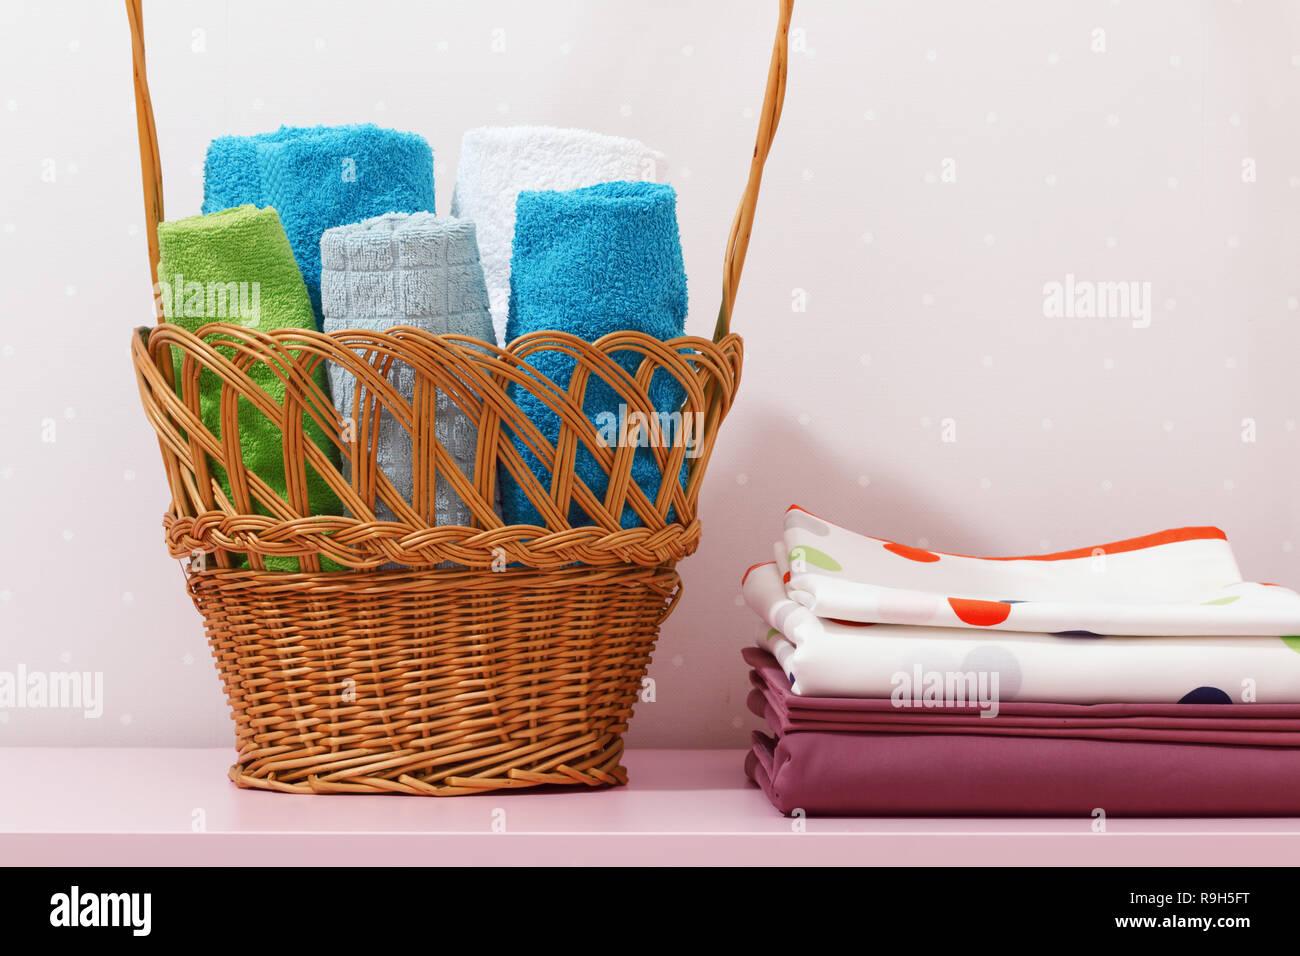 Auf Der Kommode Gibt Es Einen Stapel Sauber Gebügelte Bettwäsche Und